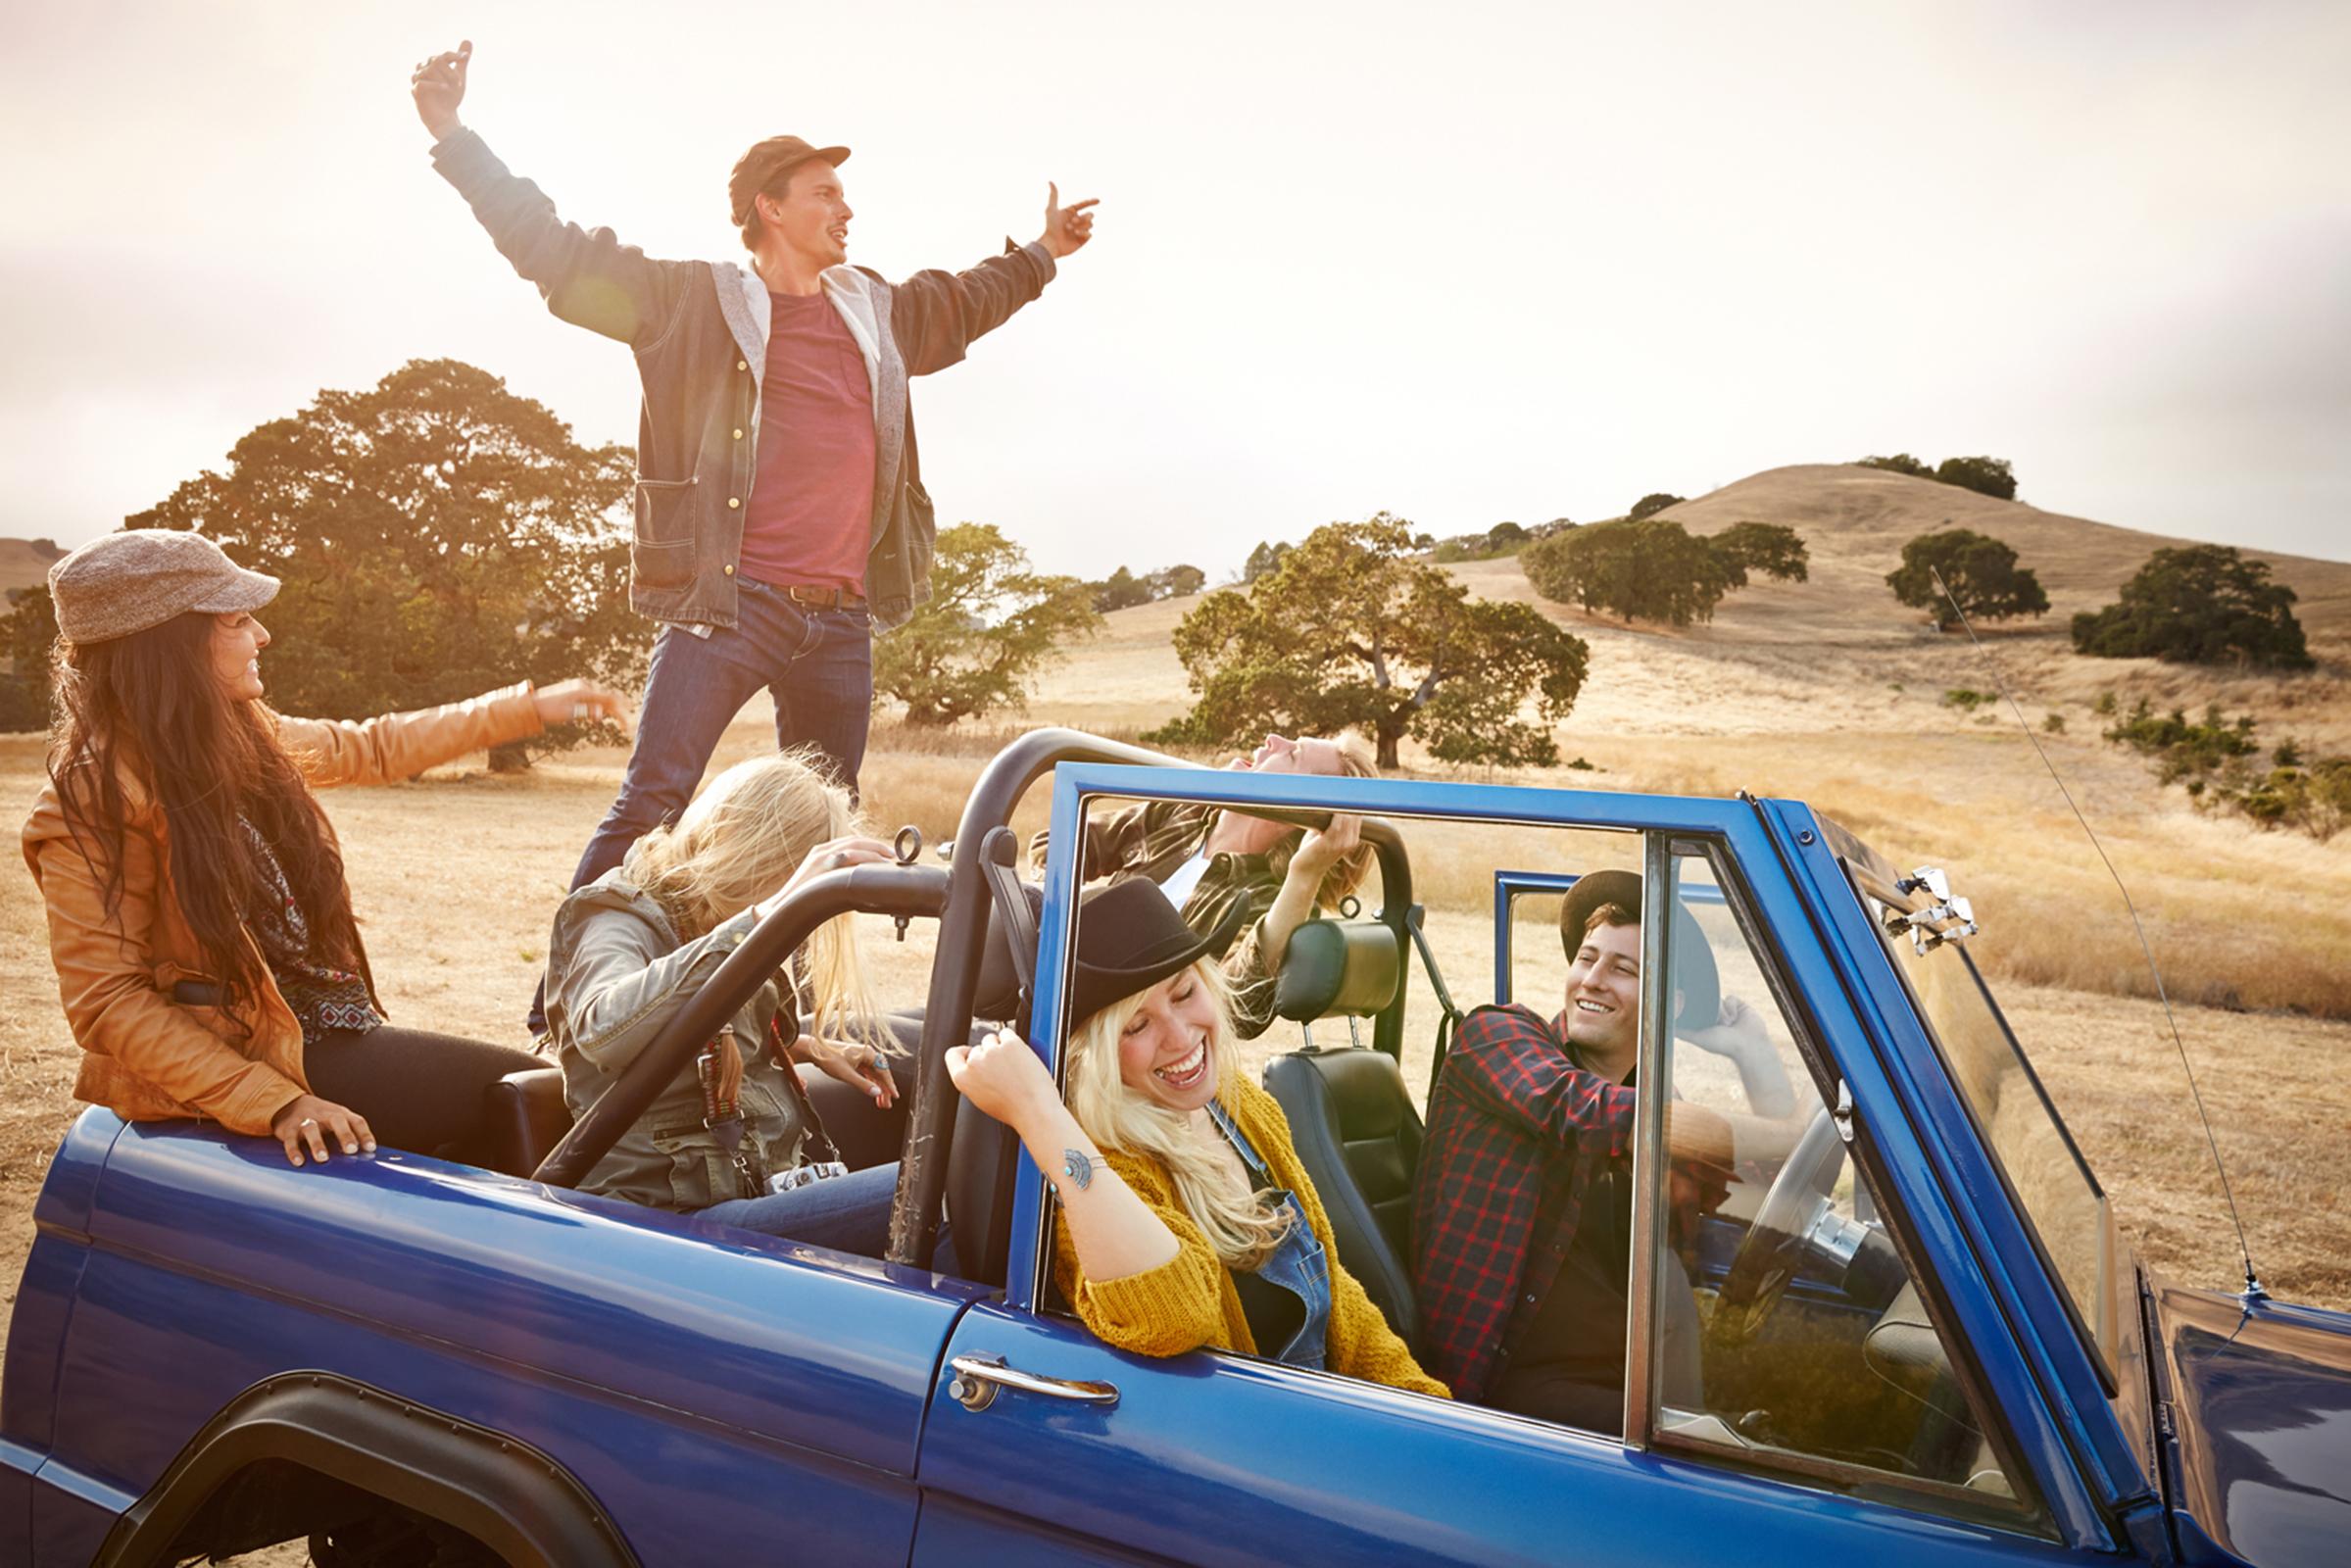 Grupa znajomych w terenowym niebieskim aucie na sawannie, chłopak stoi w bagażniku